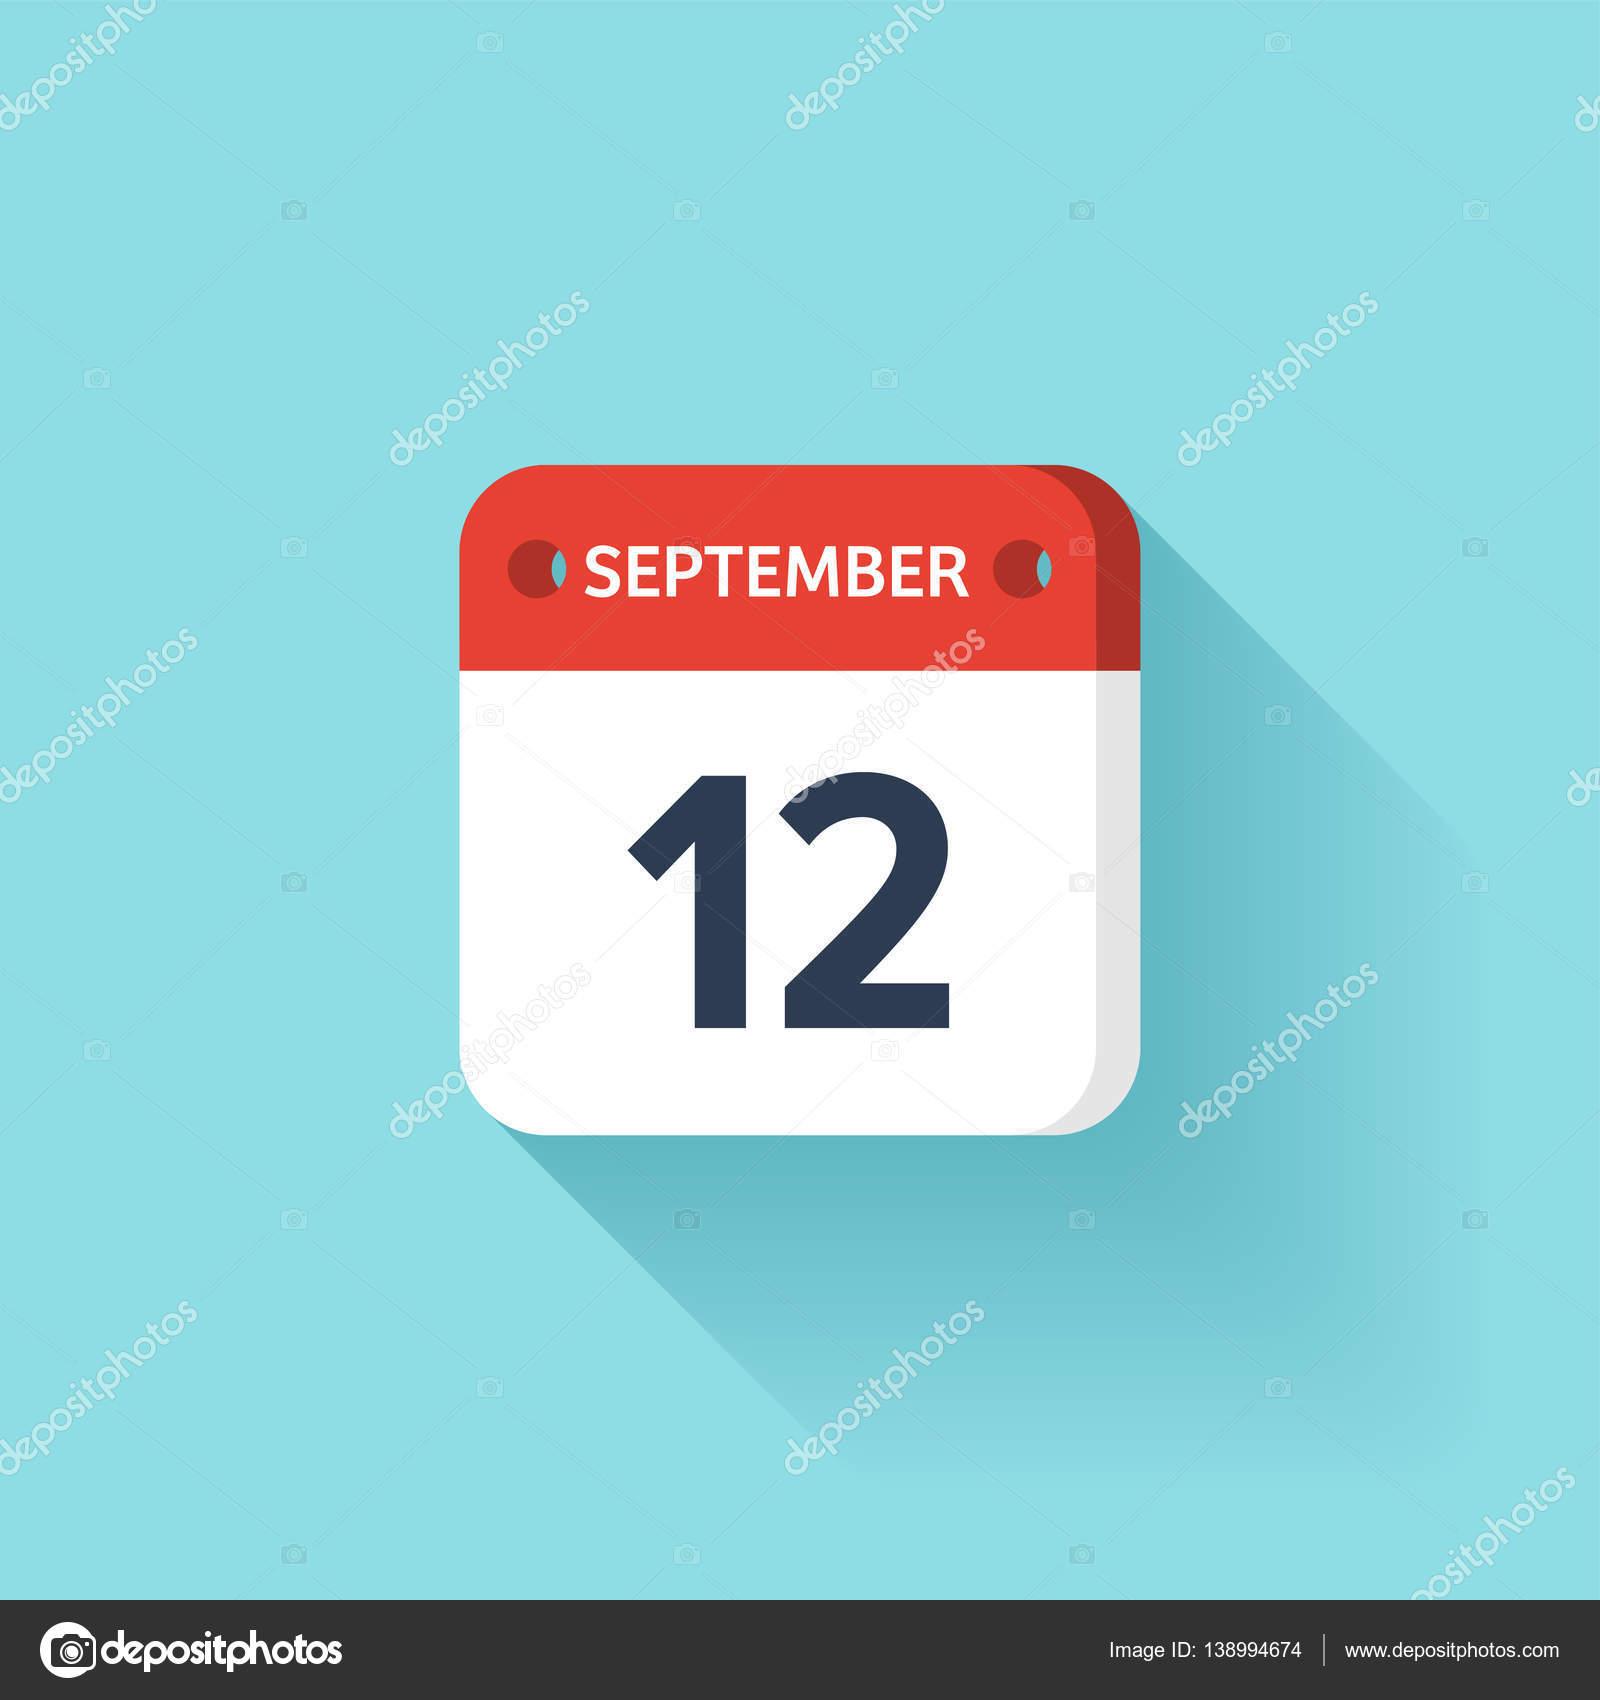 9 月 12 日 shadow vector の図 フラット style month date sunday